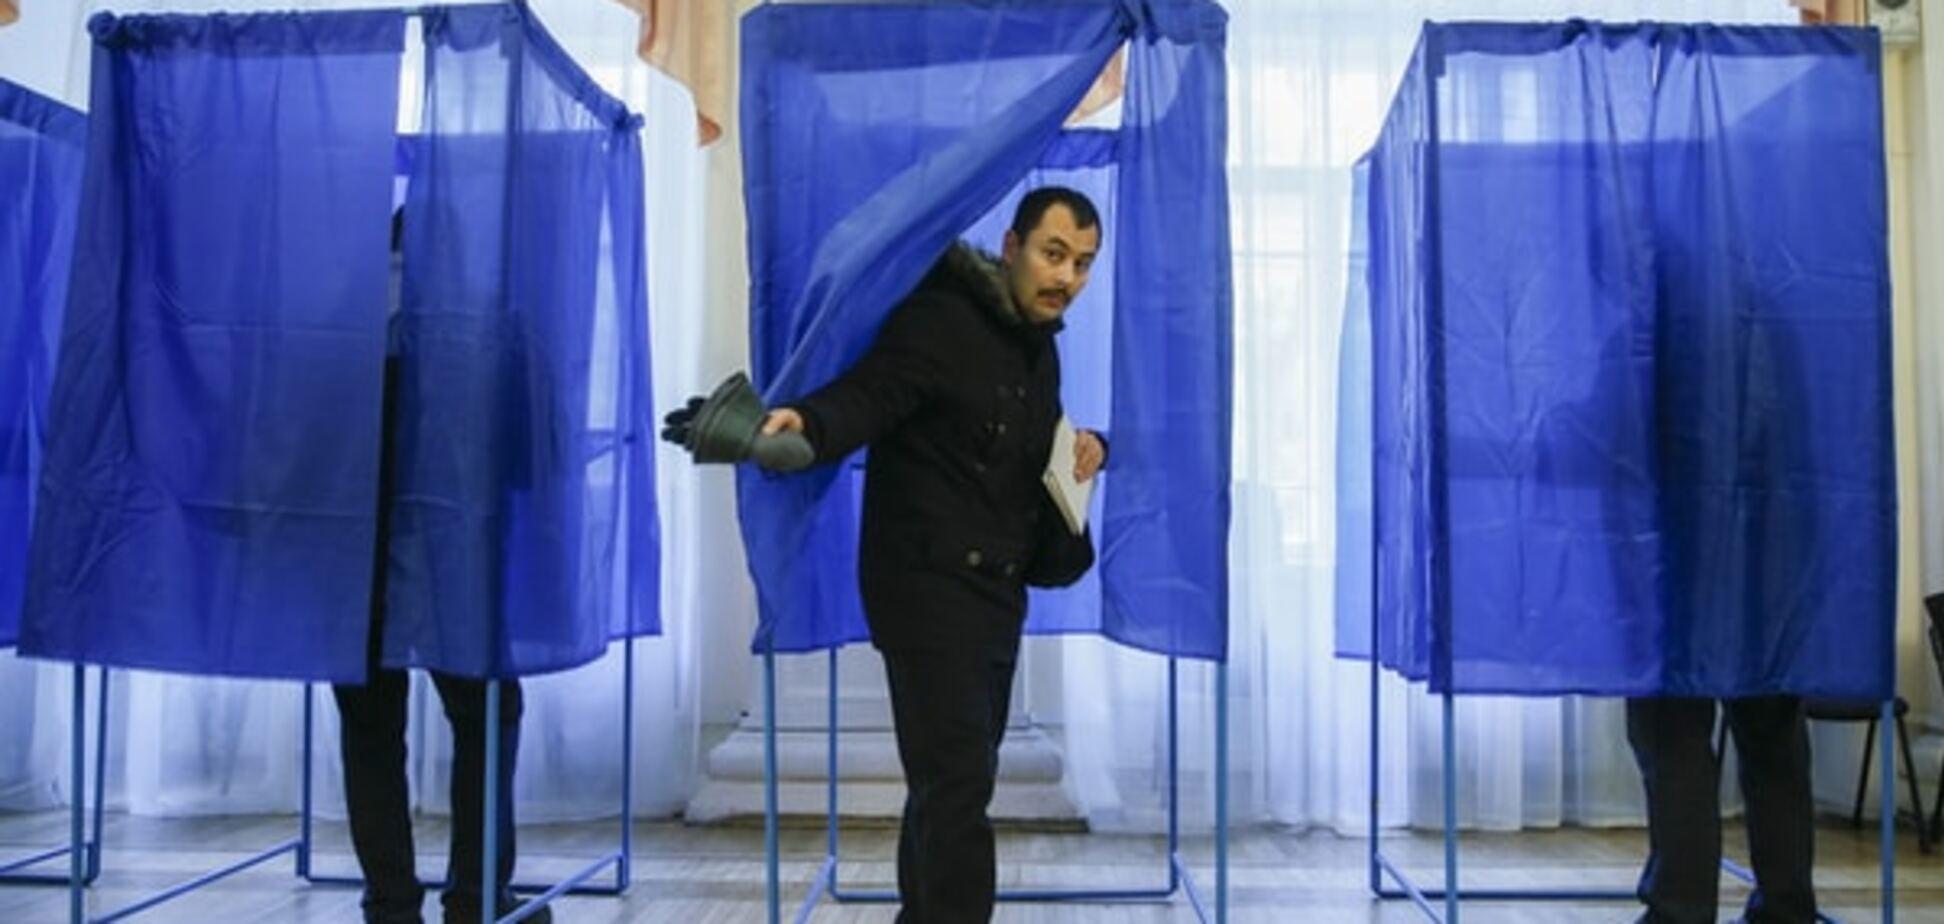 Порушення на виборах у Києві: у міліції розповіли подробиці